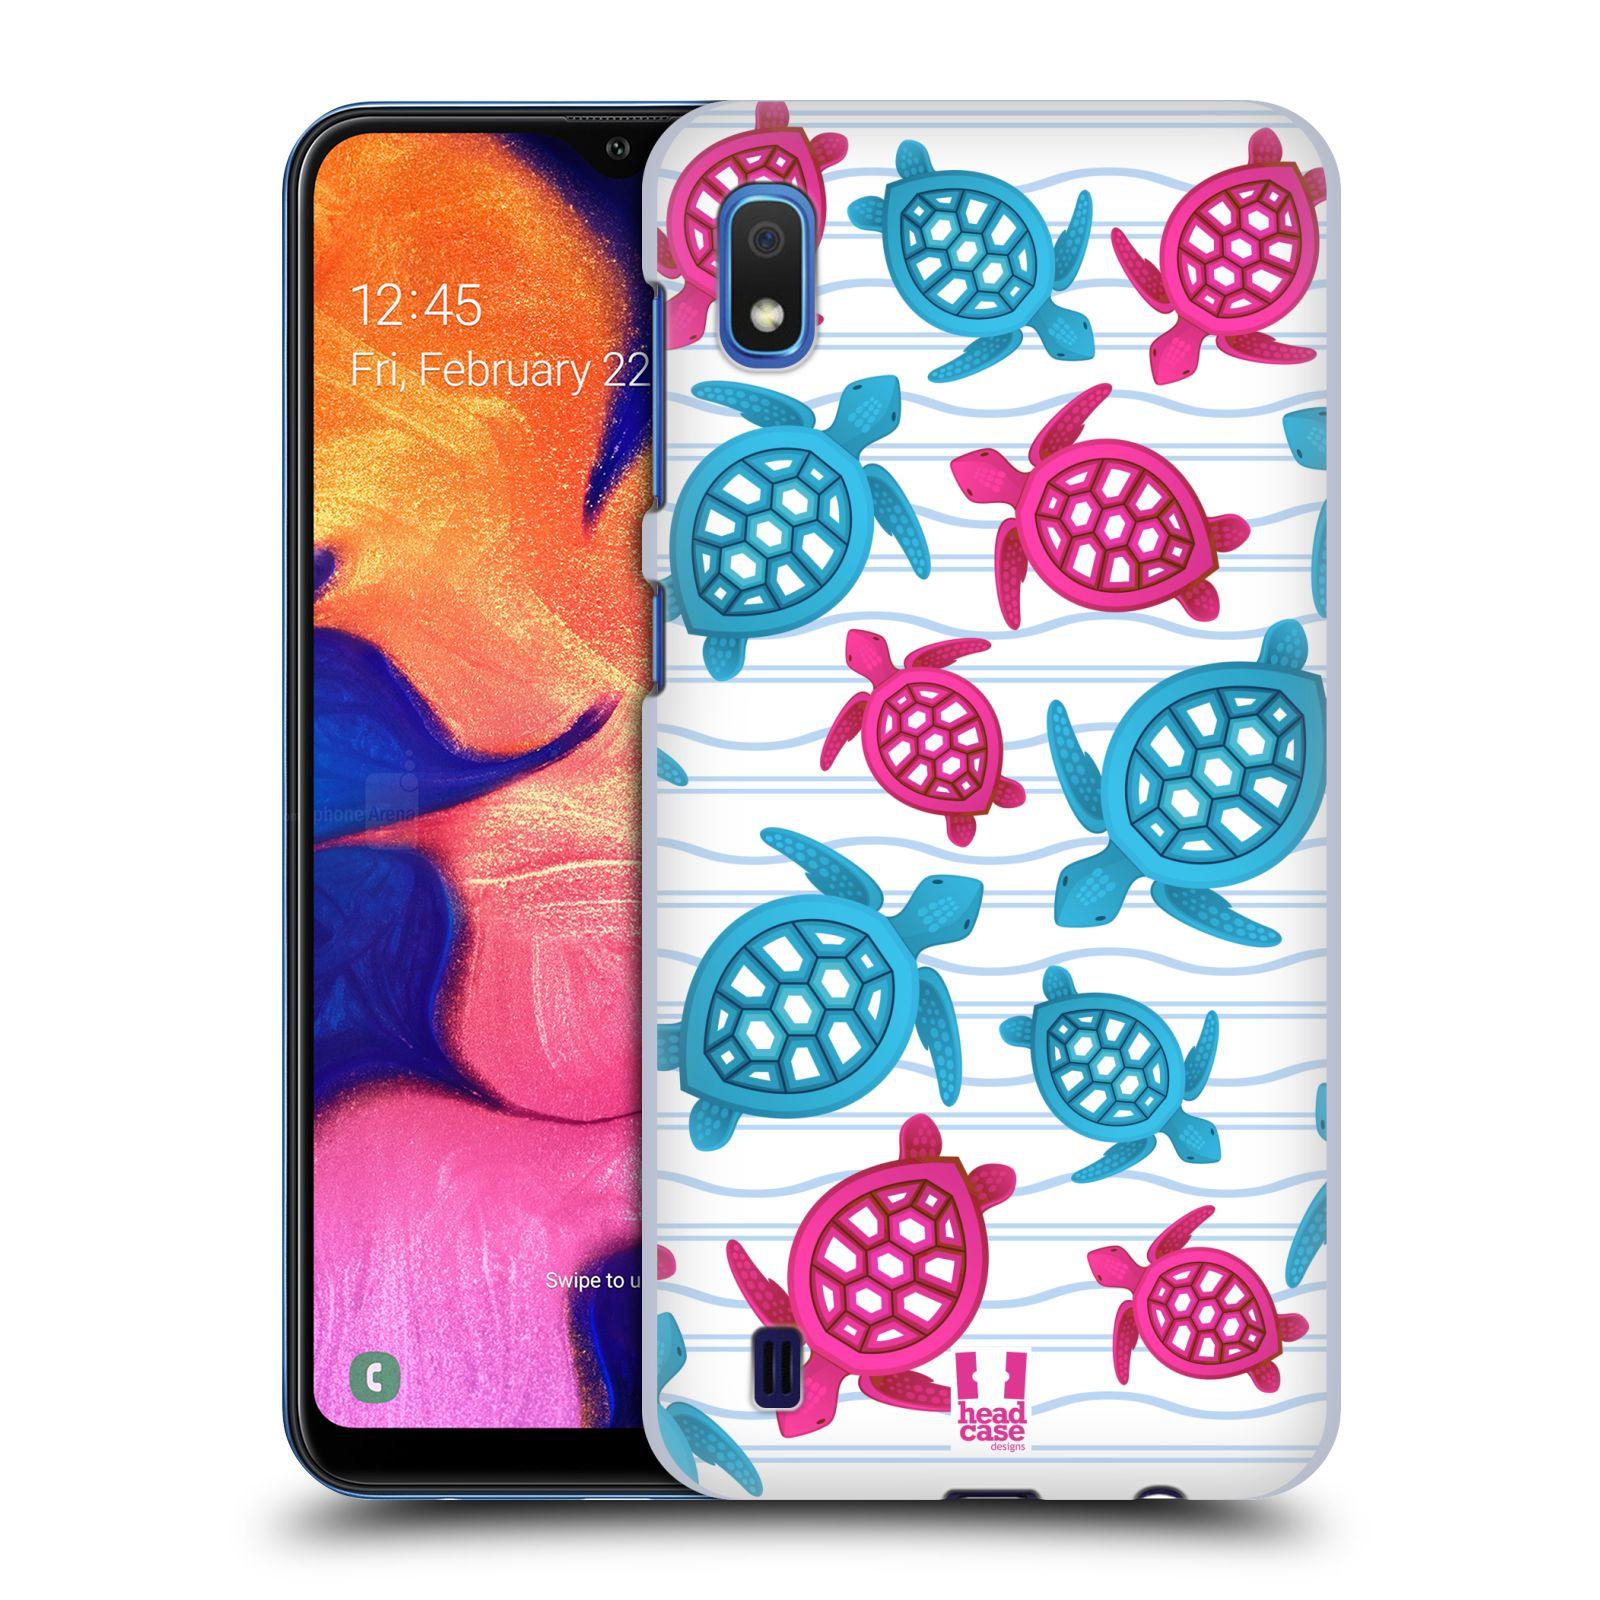 Pouzdro na mobil Samsung Galaxy A10 - HEAD CASE - vzor mořský živočich želva modrá a růžová